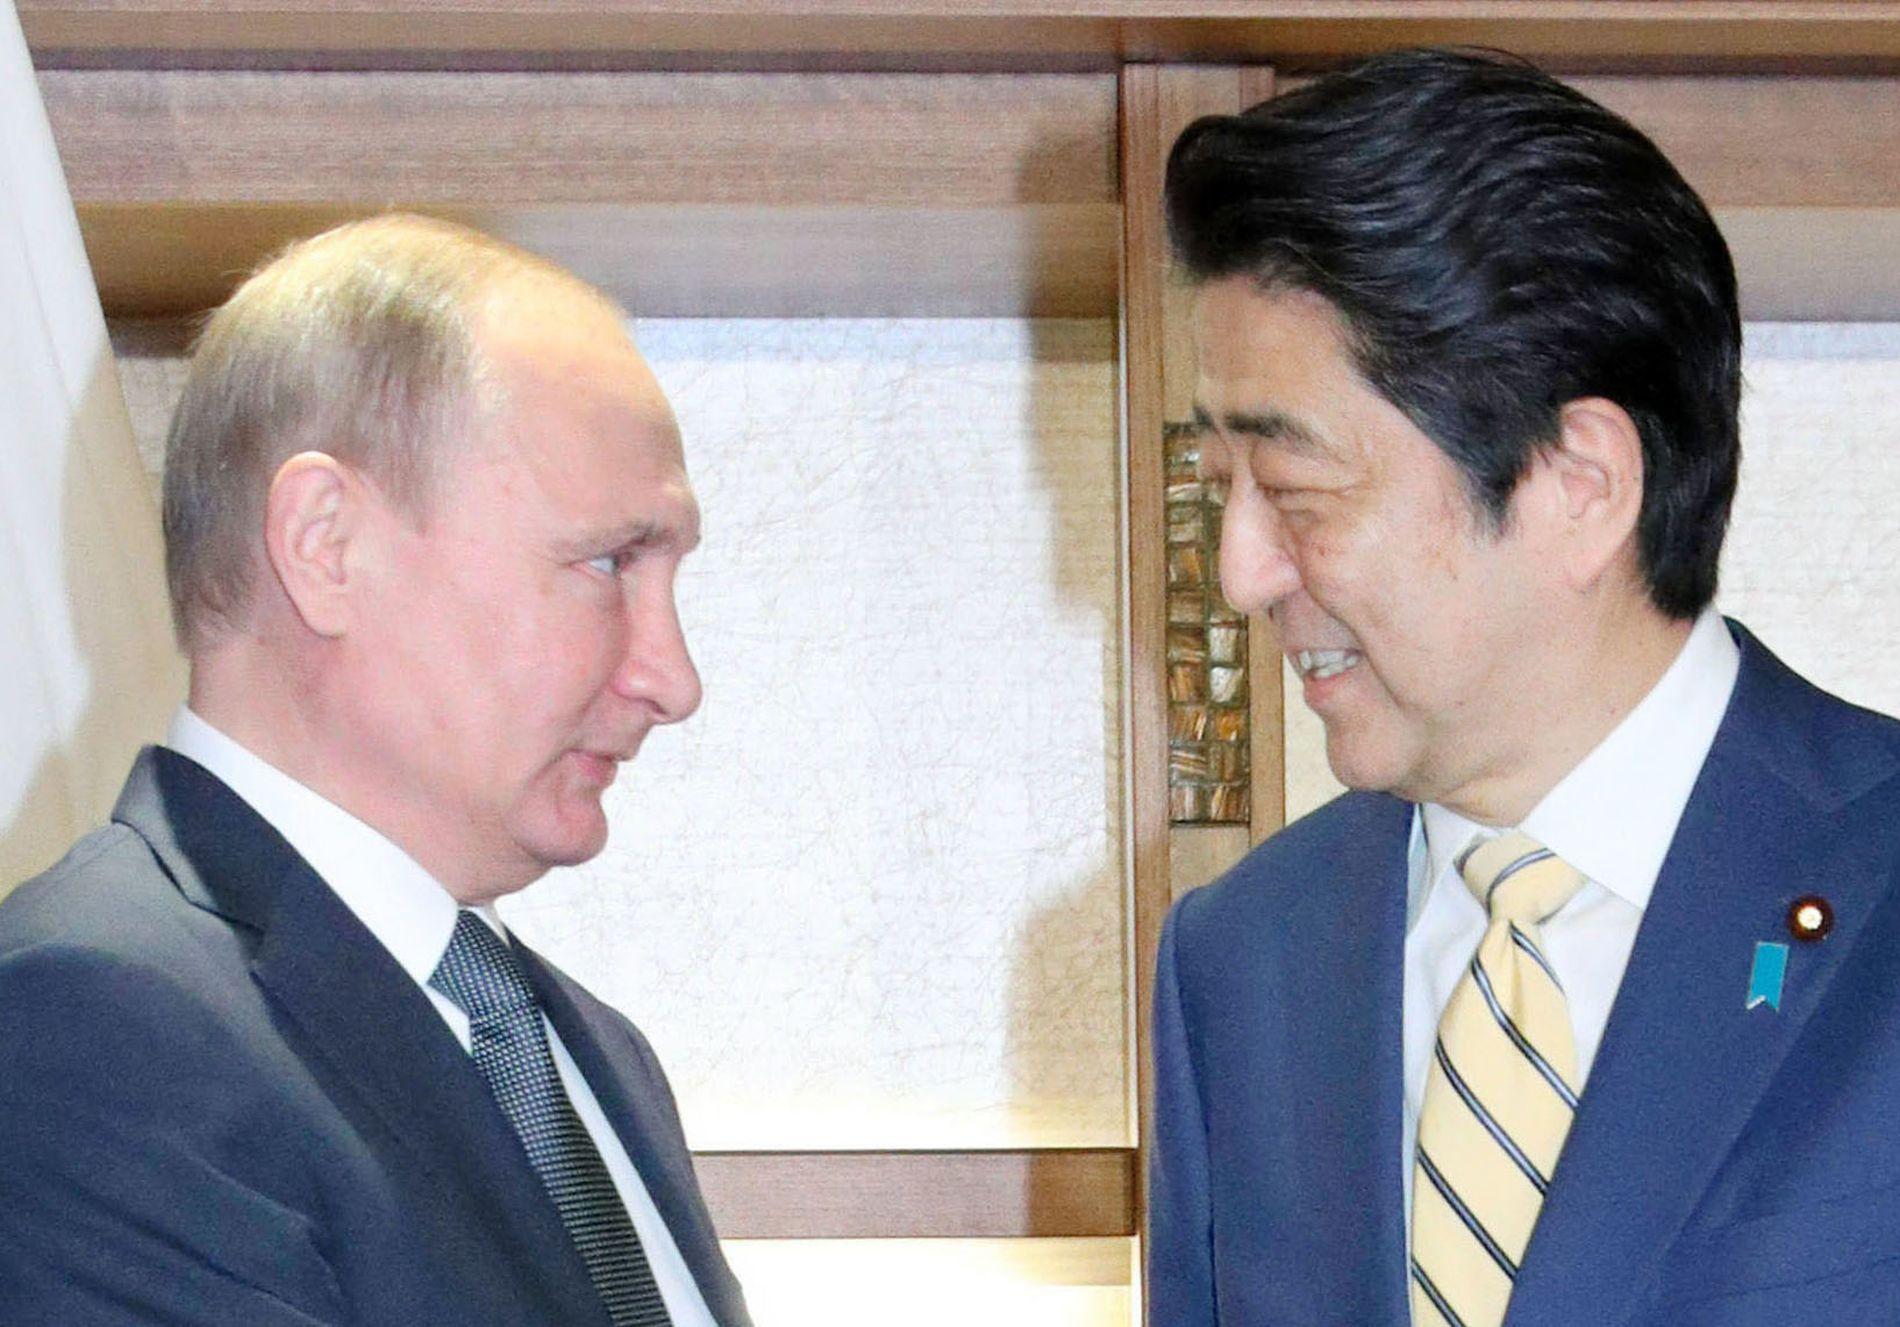 G20 Osaka Summit Russia and Japan Putin Abe Talk 008